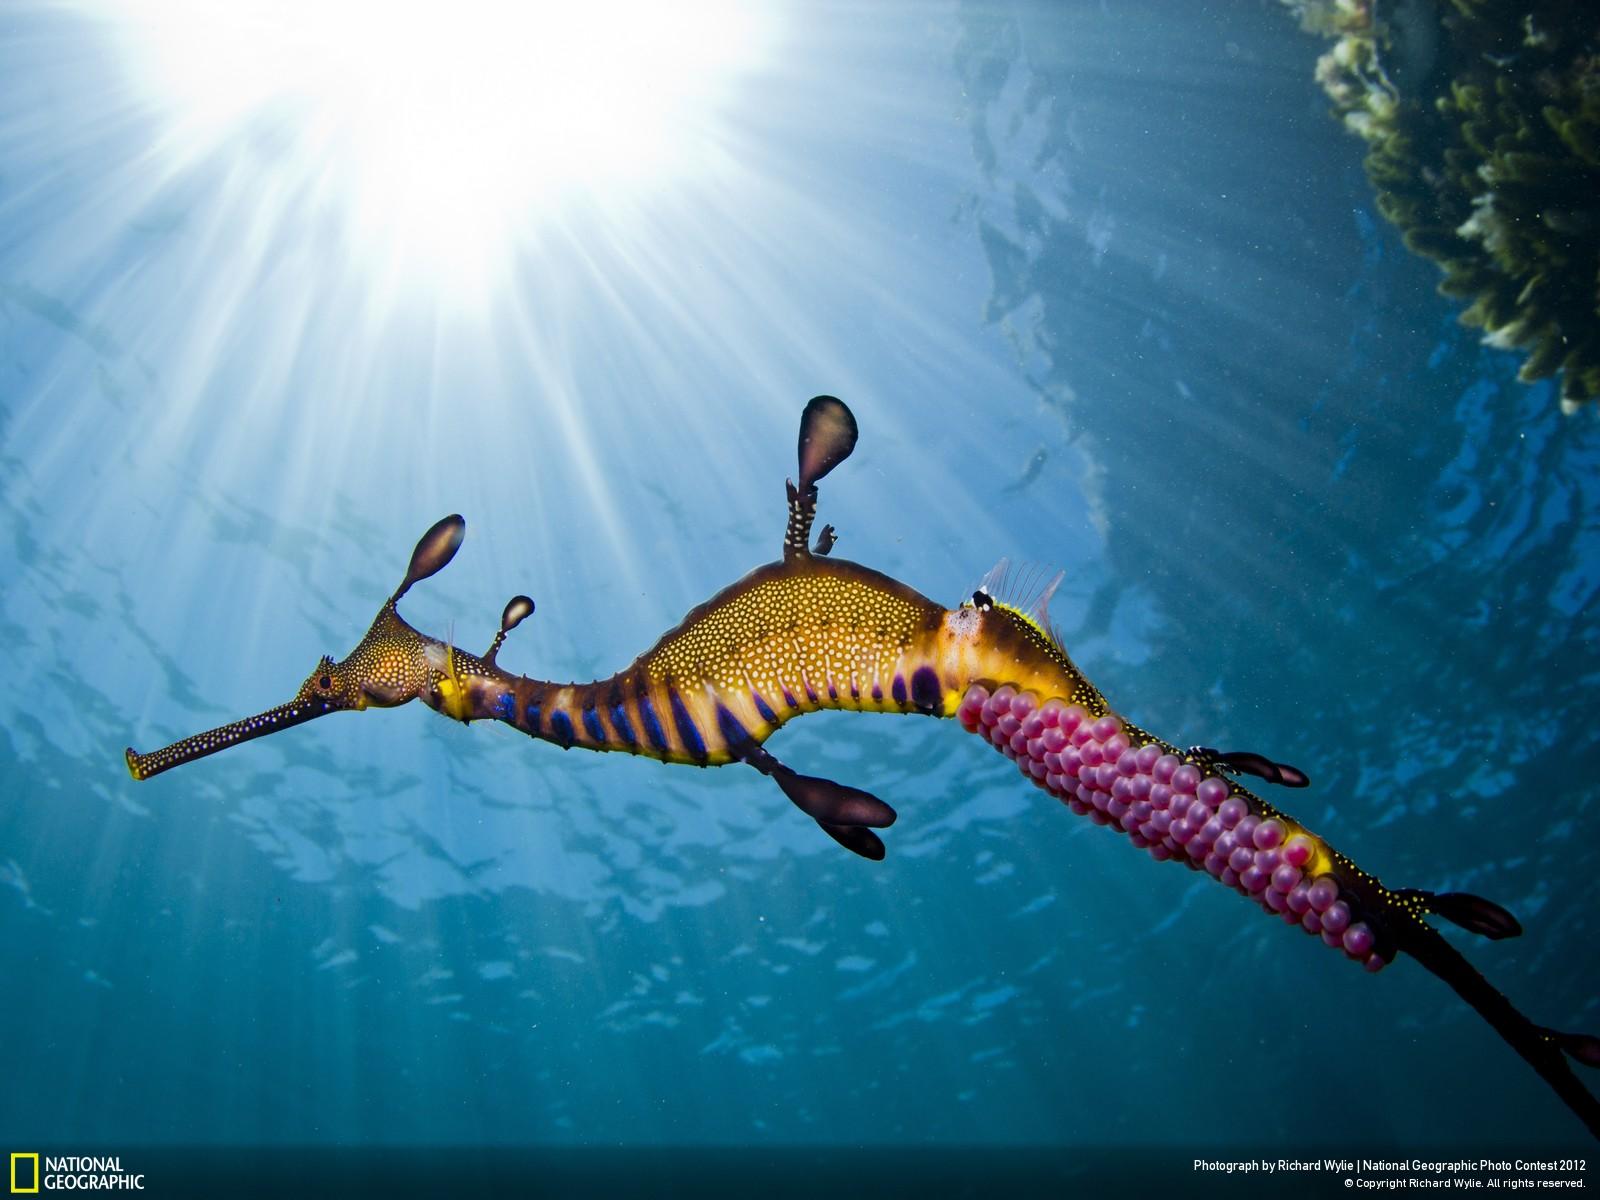 44 Лучшие фотографии за 2012 год по версии National Geographic